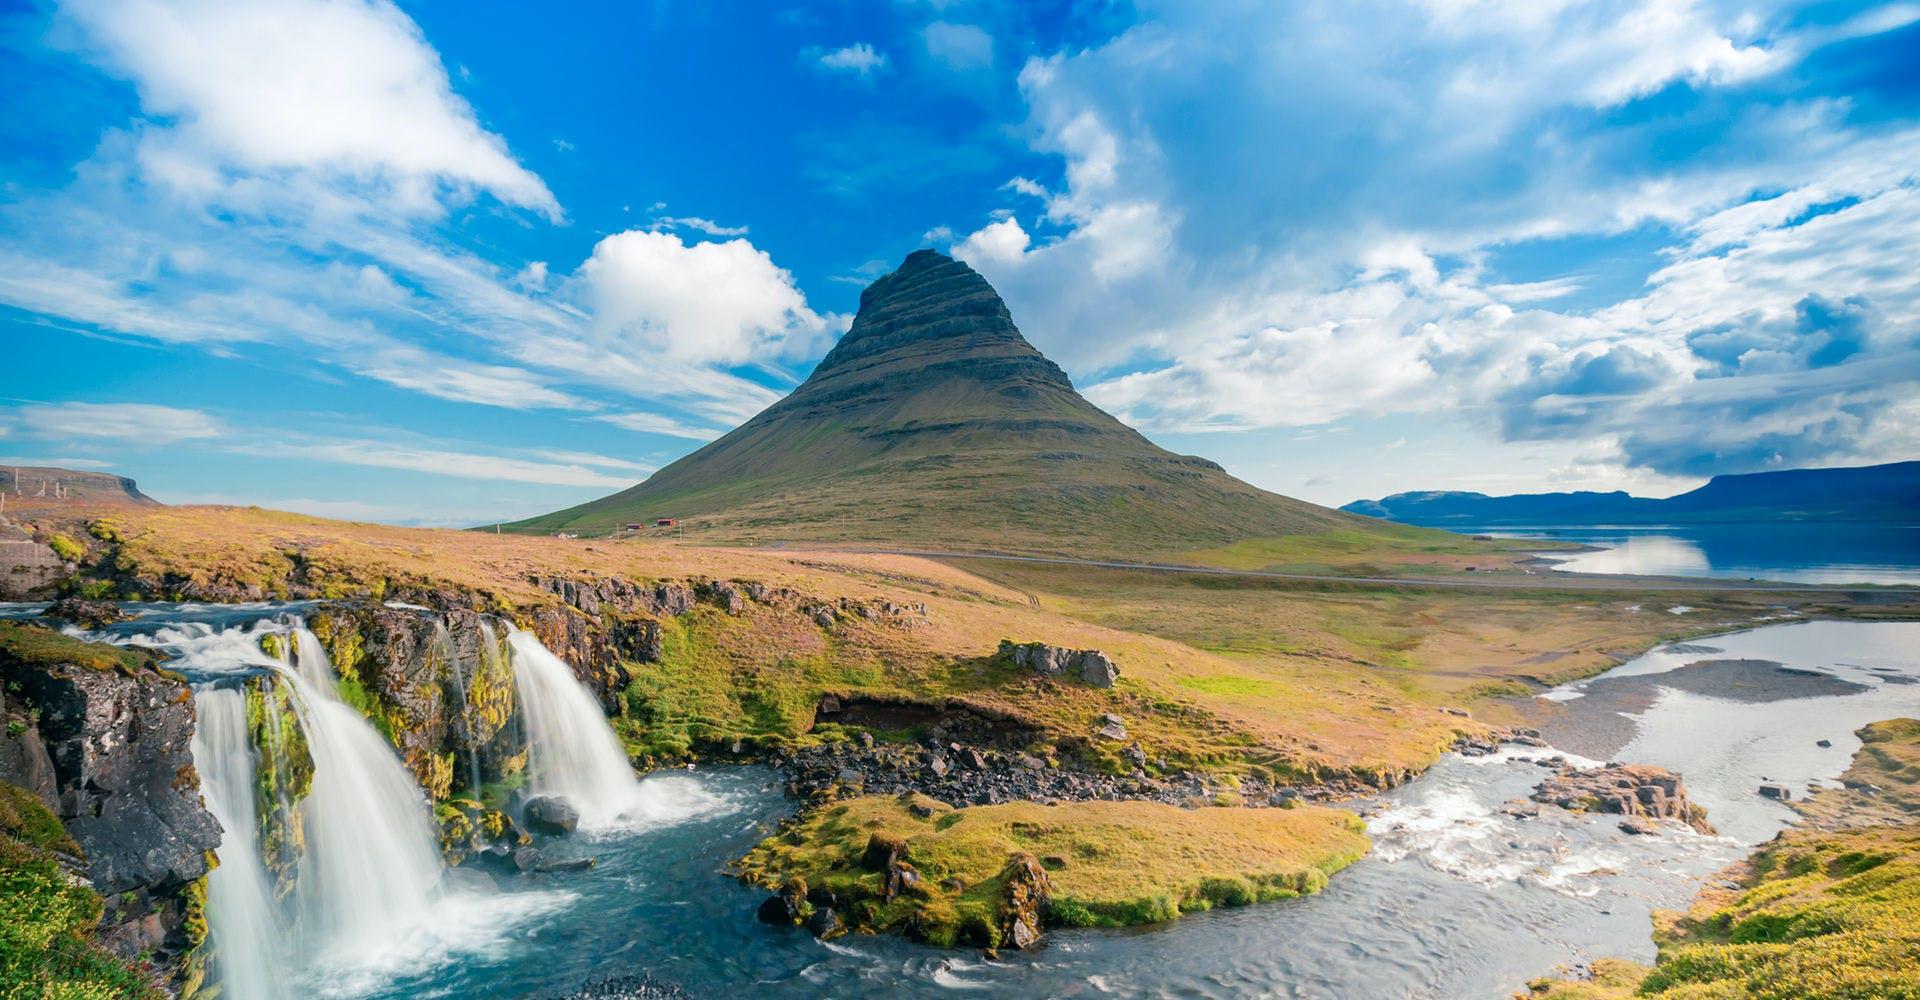 アイスランドのホテル 海外ホテル予約・海外旅行は一休.com